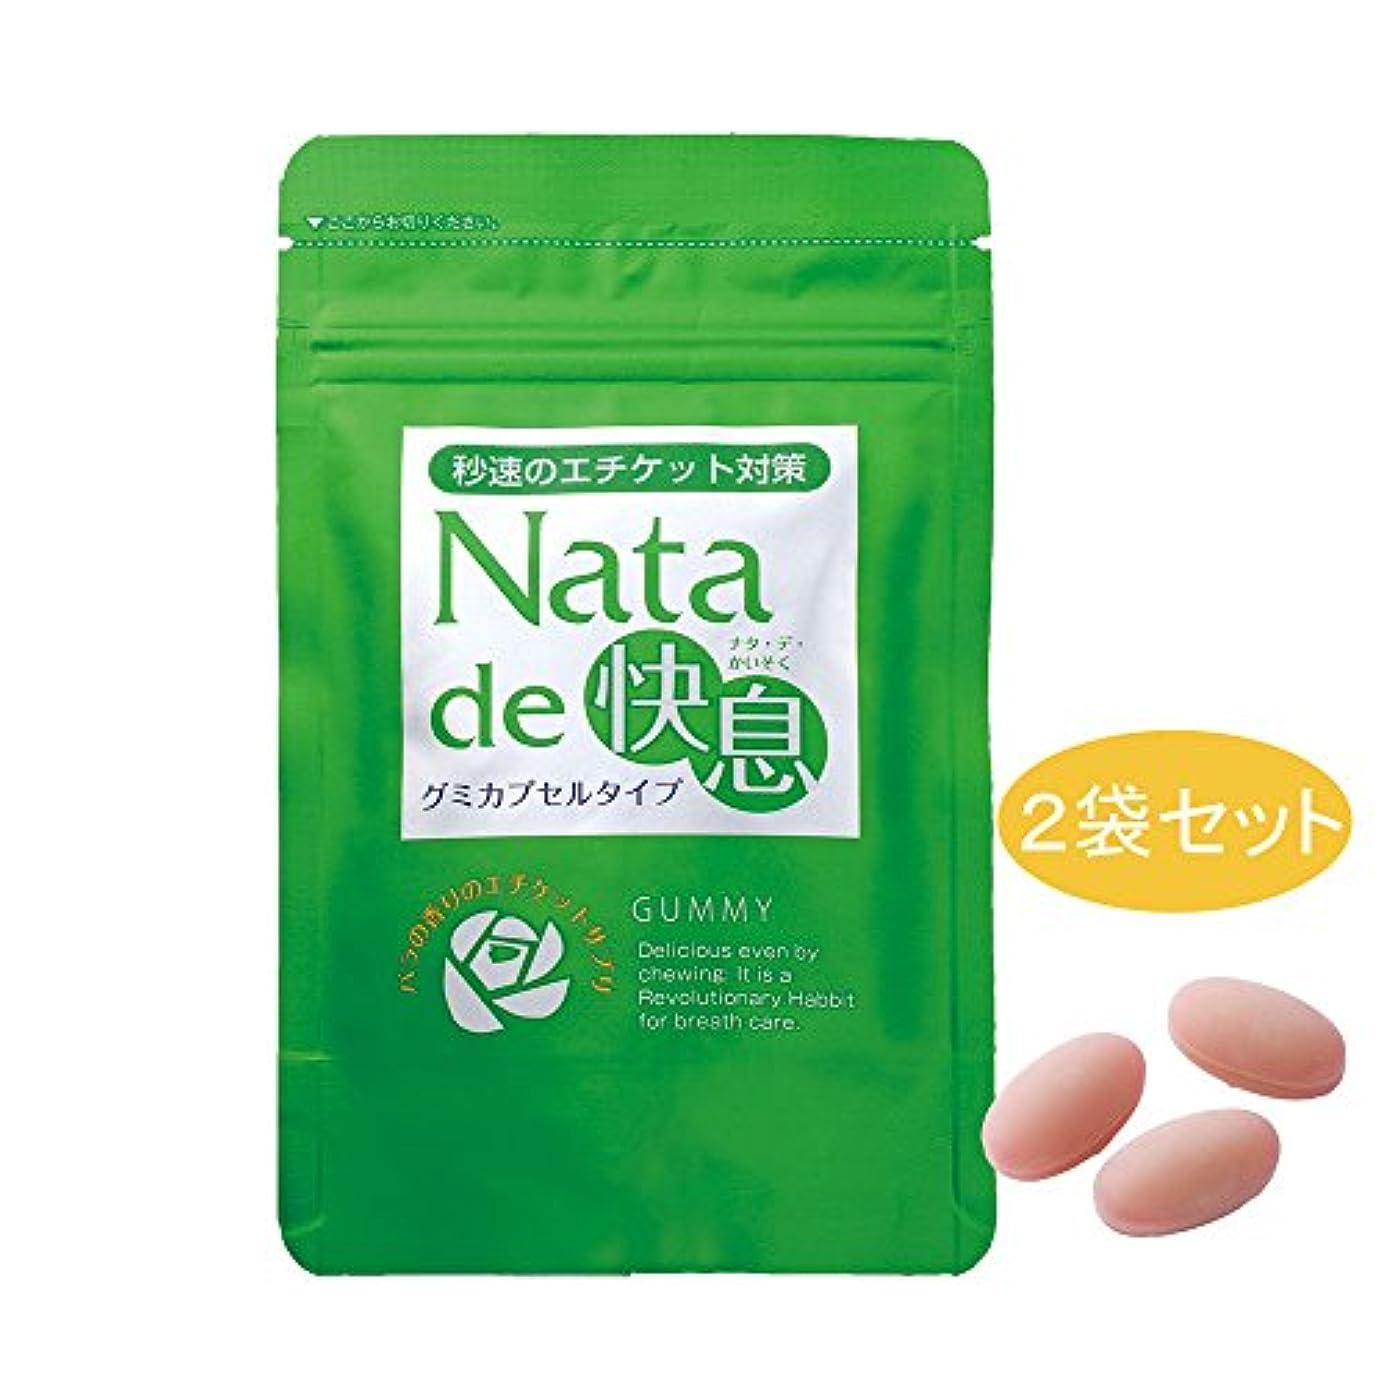 シャッフルブリリアント管理者ナタデ快息 ミントの香り  2袋セット